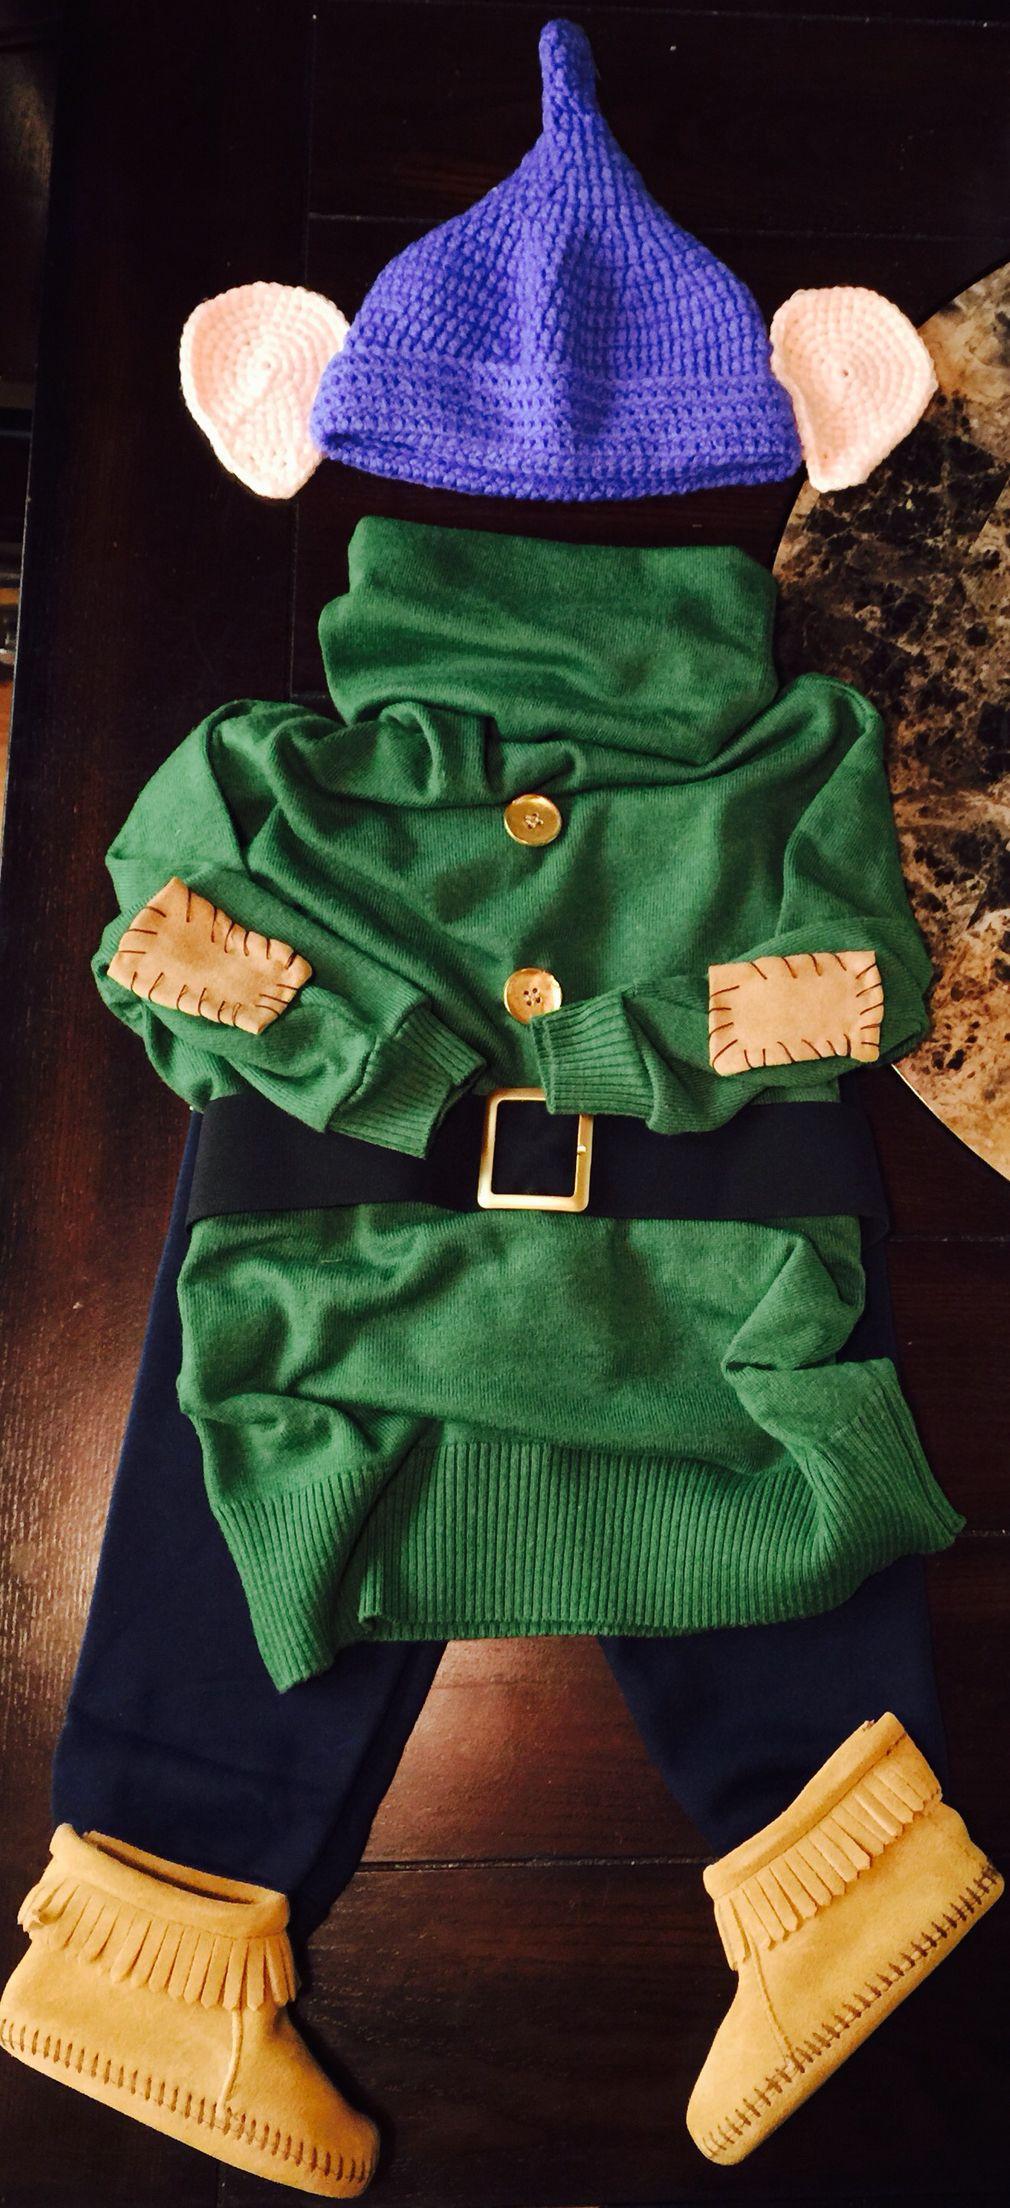 Michael Alexanderu0027s costume baby Dopey DIY & Michael Alexanderu0027s costume baby Dopey DIY | My babies halloween ...